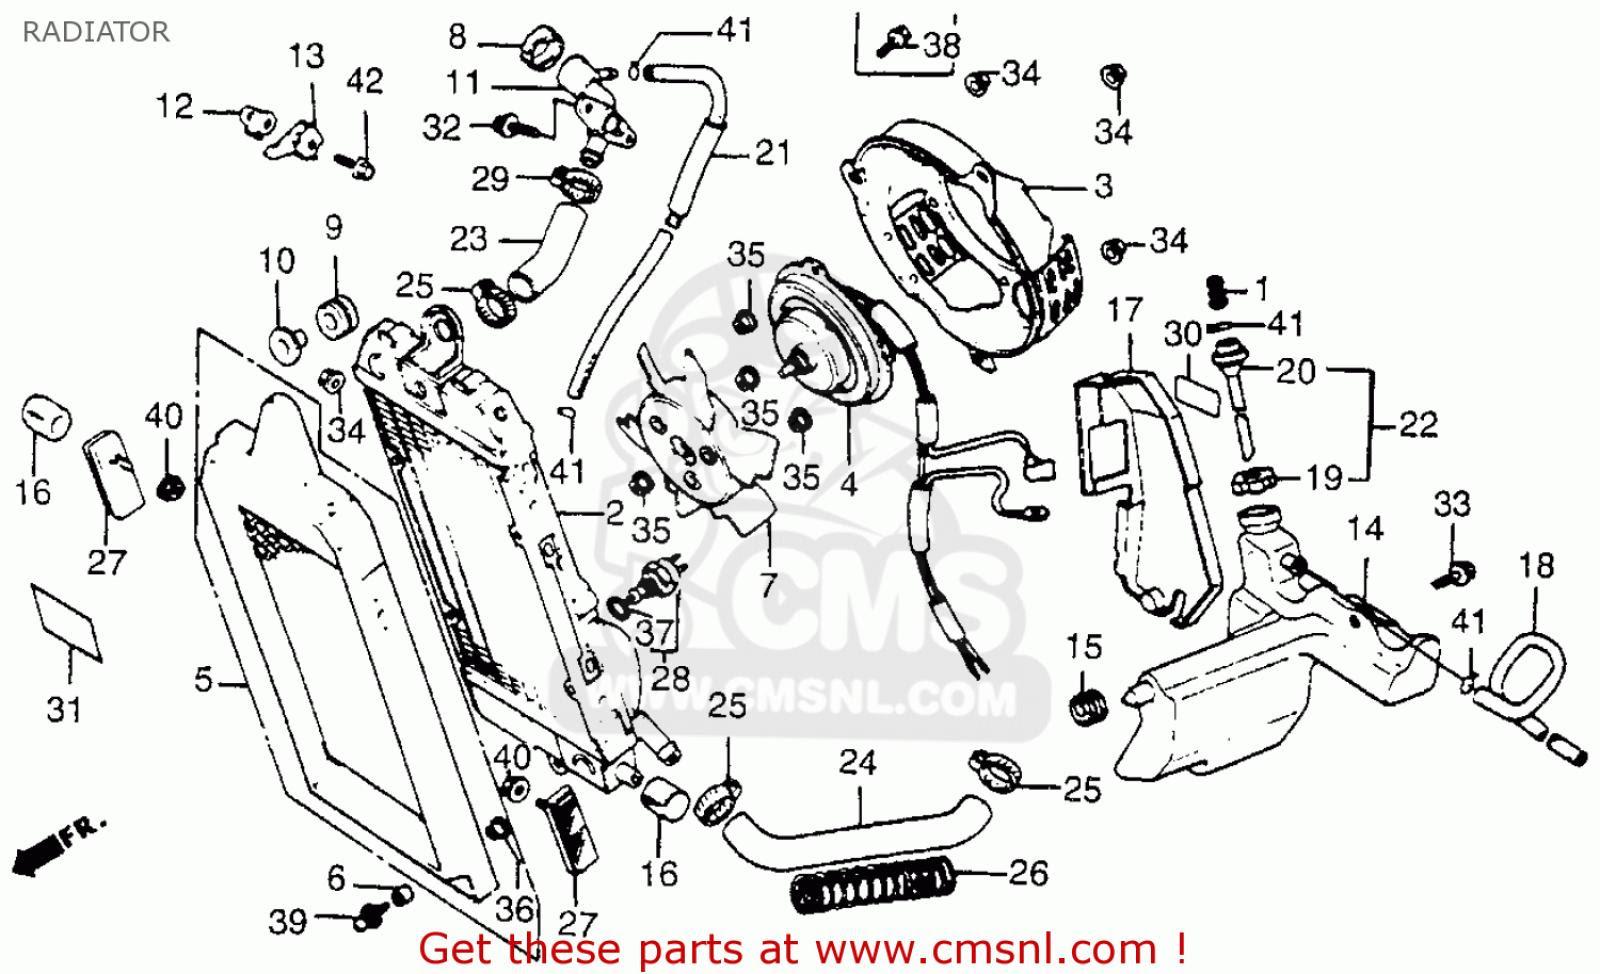 Wiring Diagram PDF: 01 400ex Engine Diagram